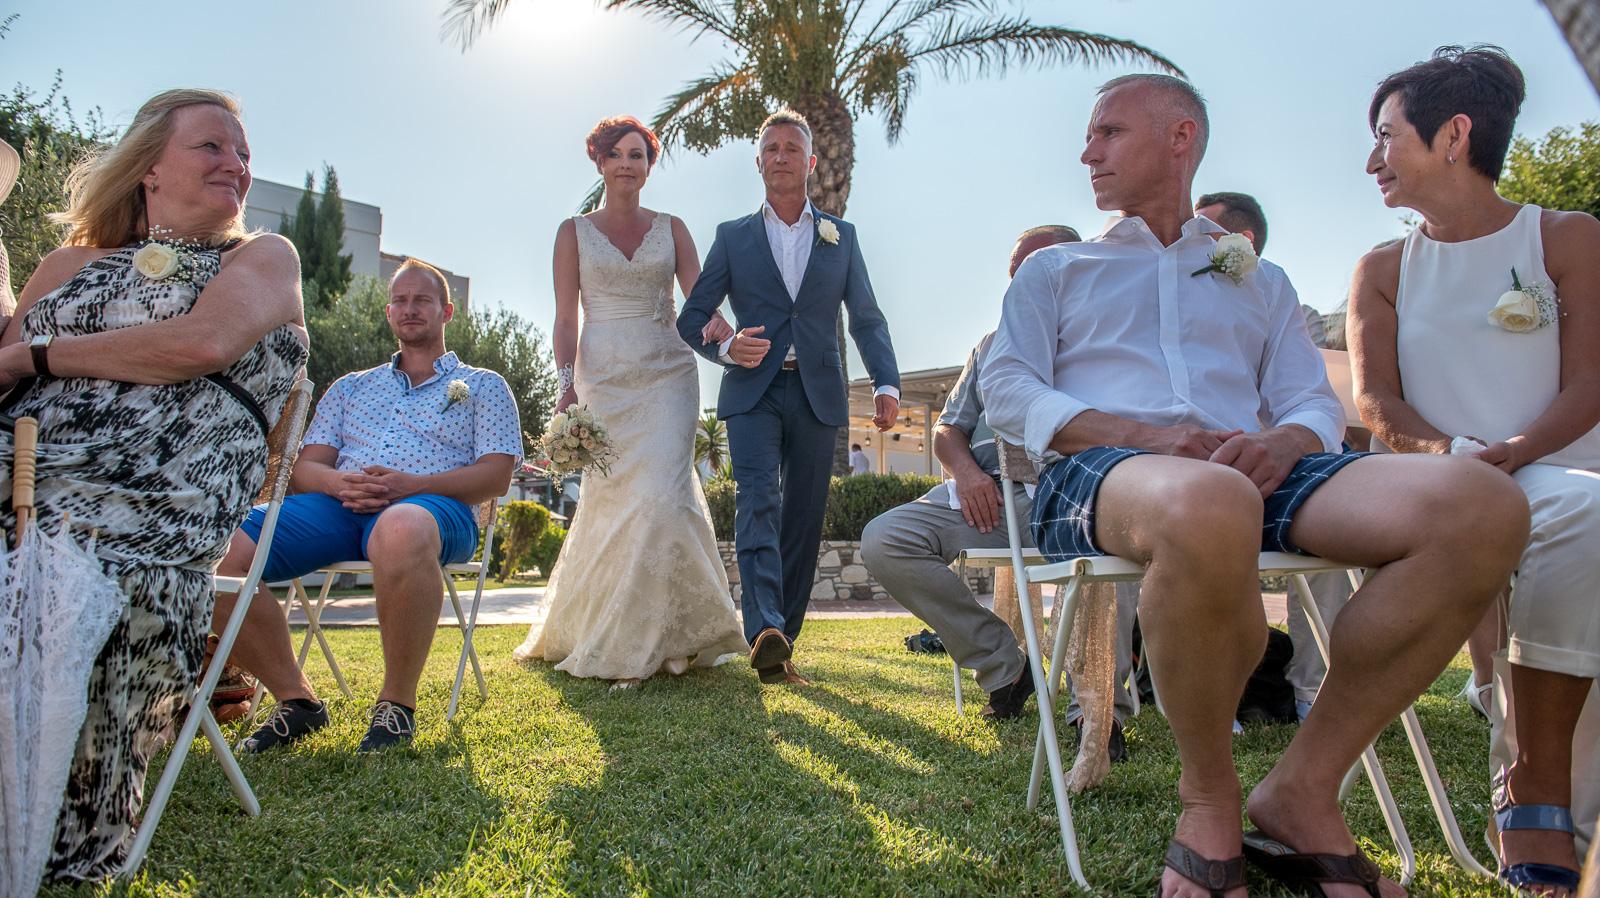 Wedding photographer in Greece, Kos island, Rhodes, Santorini,Mykonos